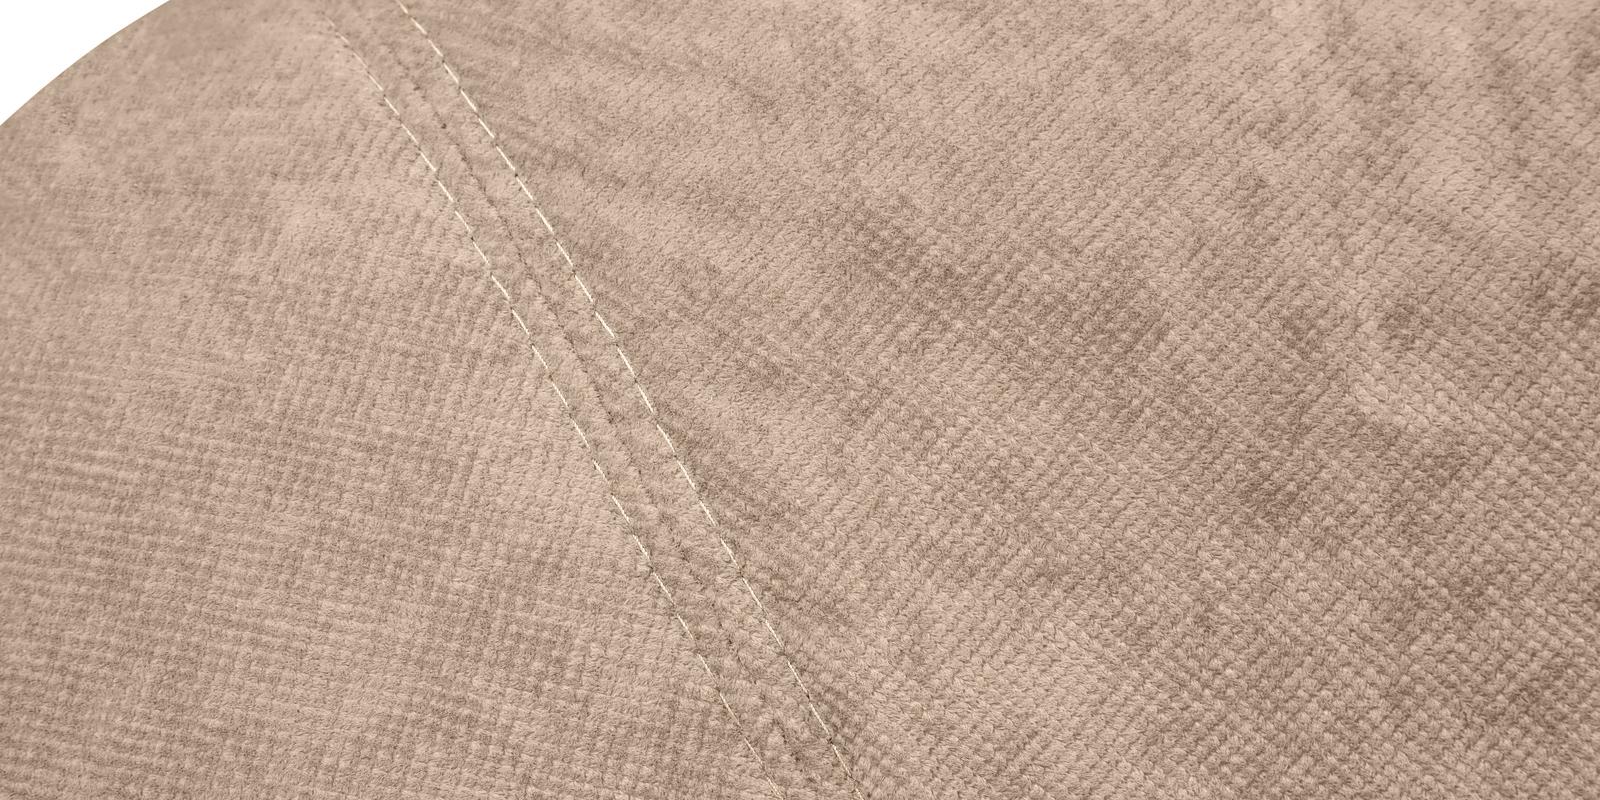 Диван тканевый угловой Ланкастер Savoy темно-бежевый (Флок, левый)